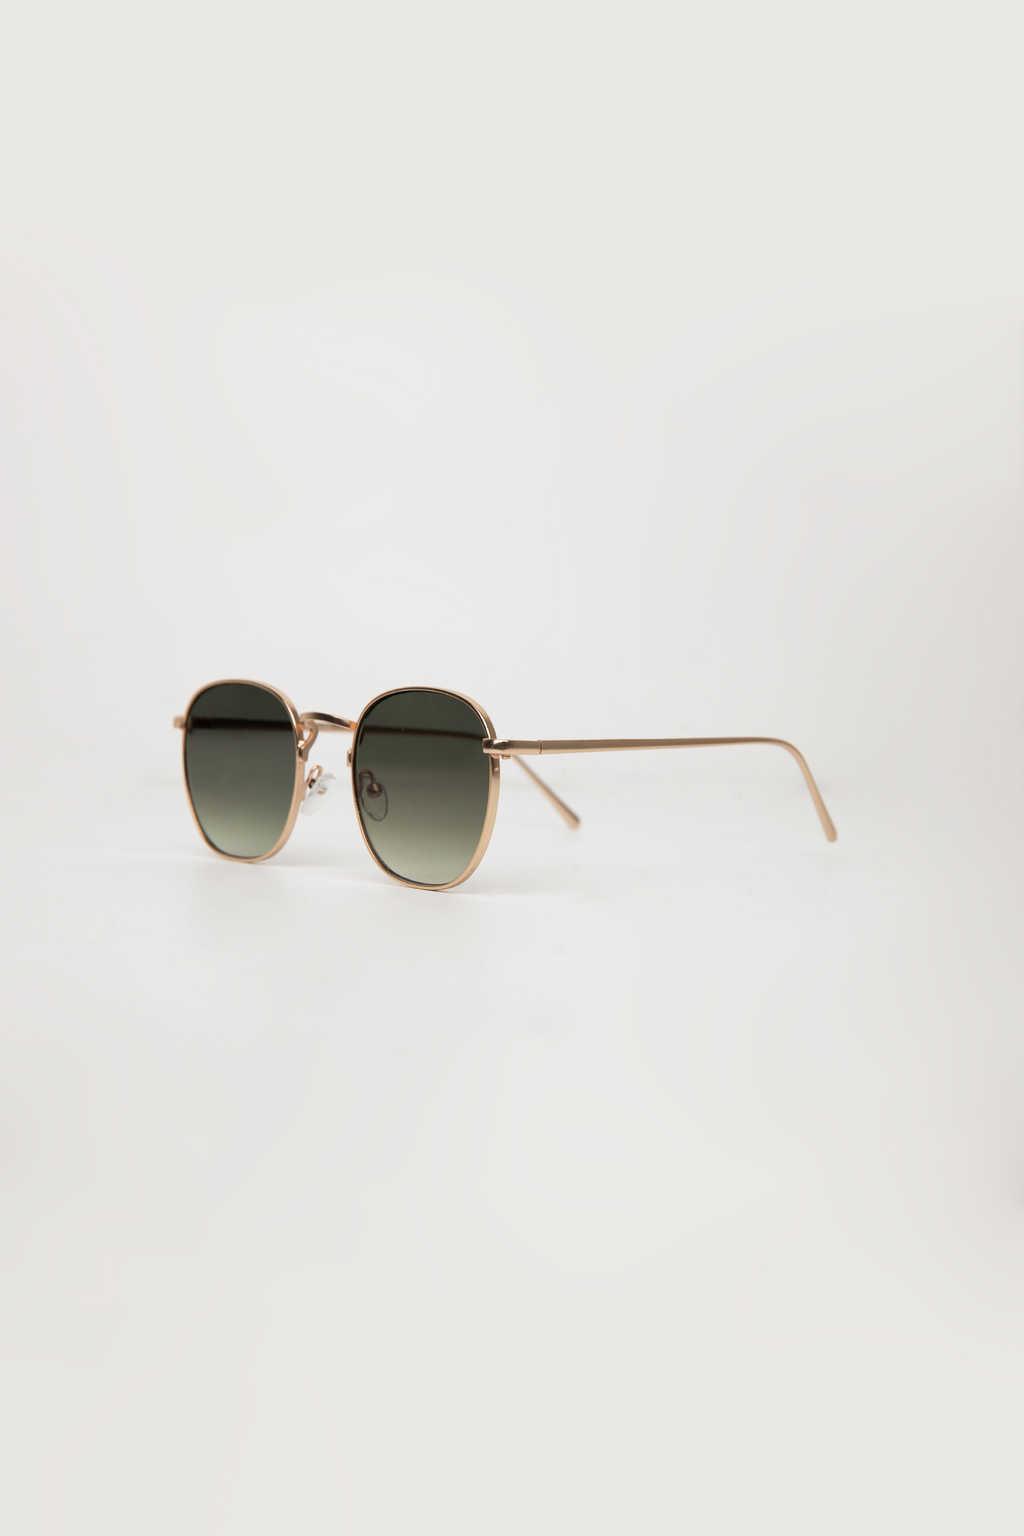 Sunglass 3370 Green 8